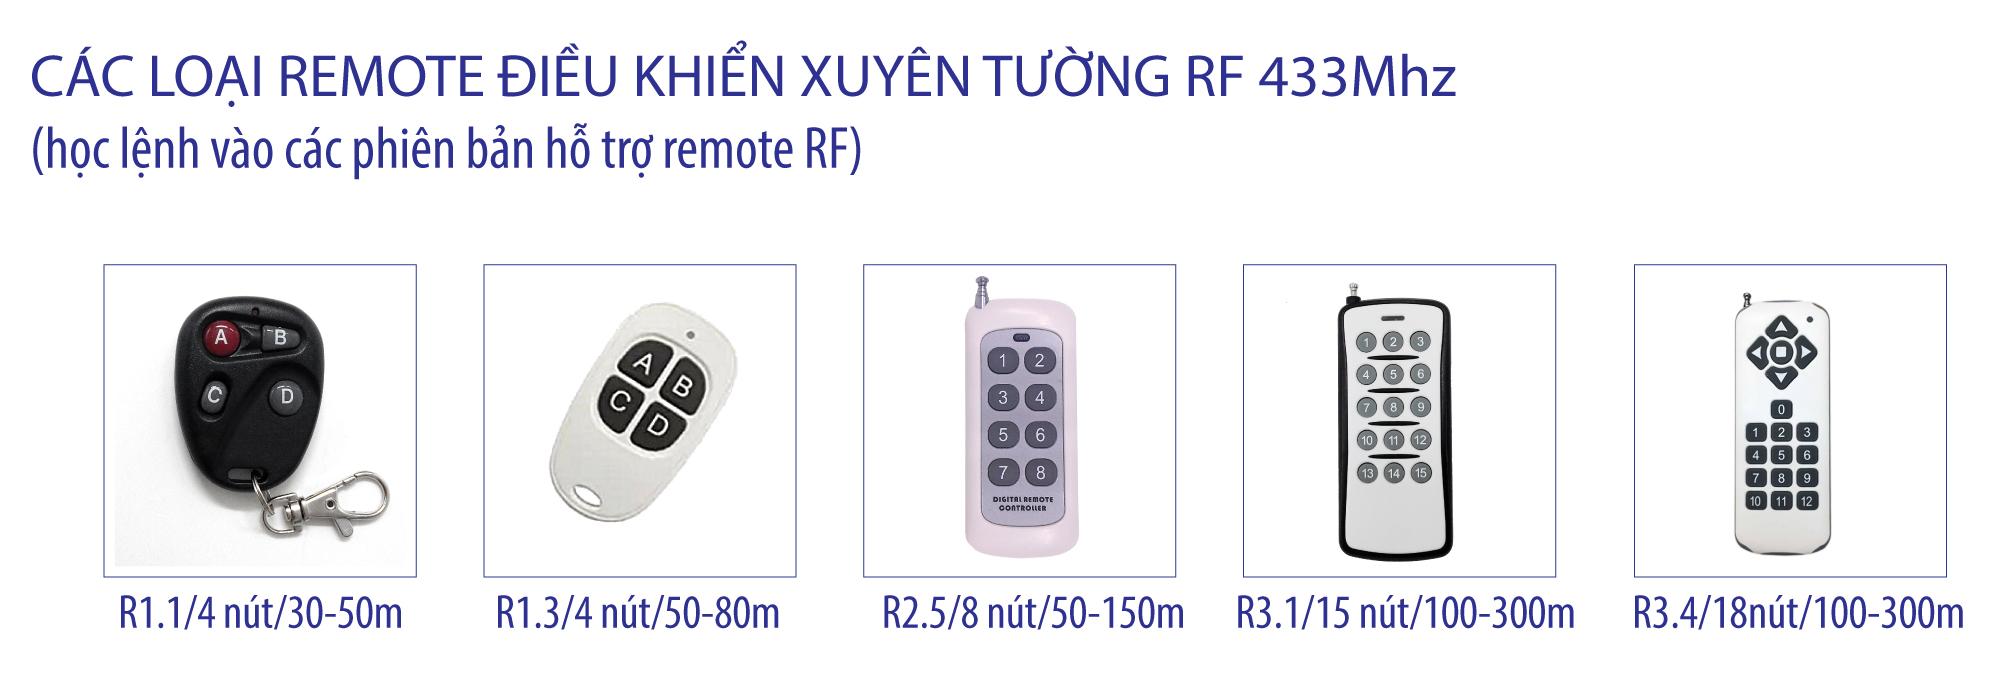 Các loại remote dùng với SmartX